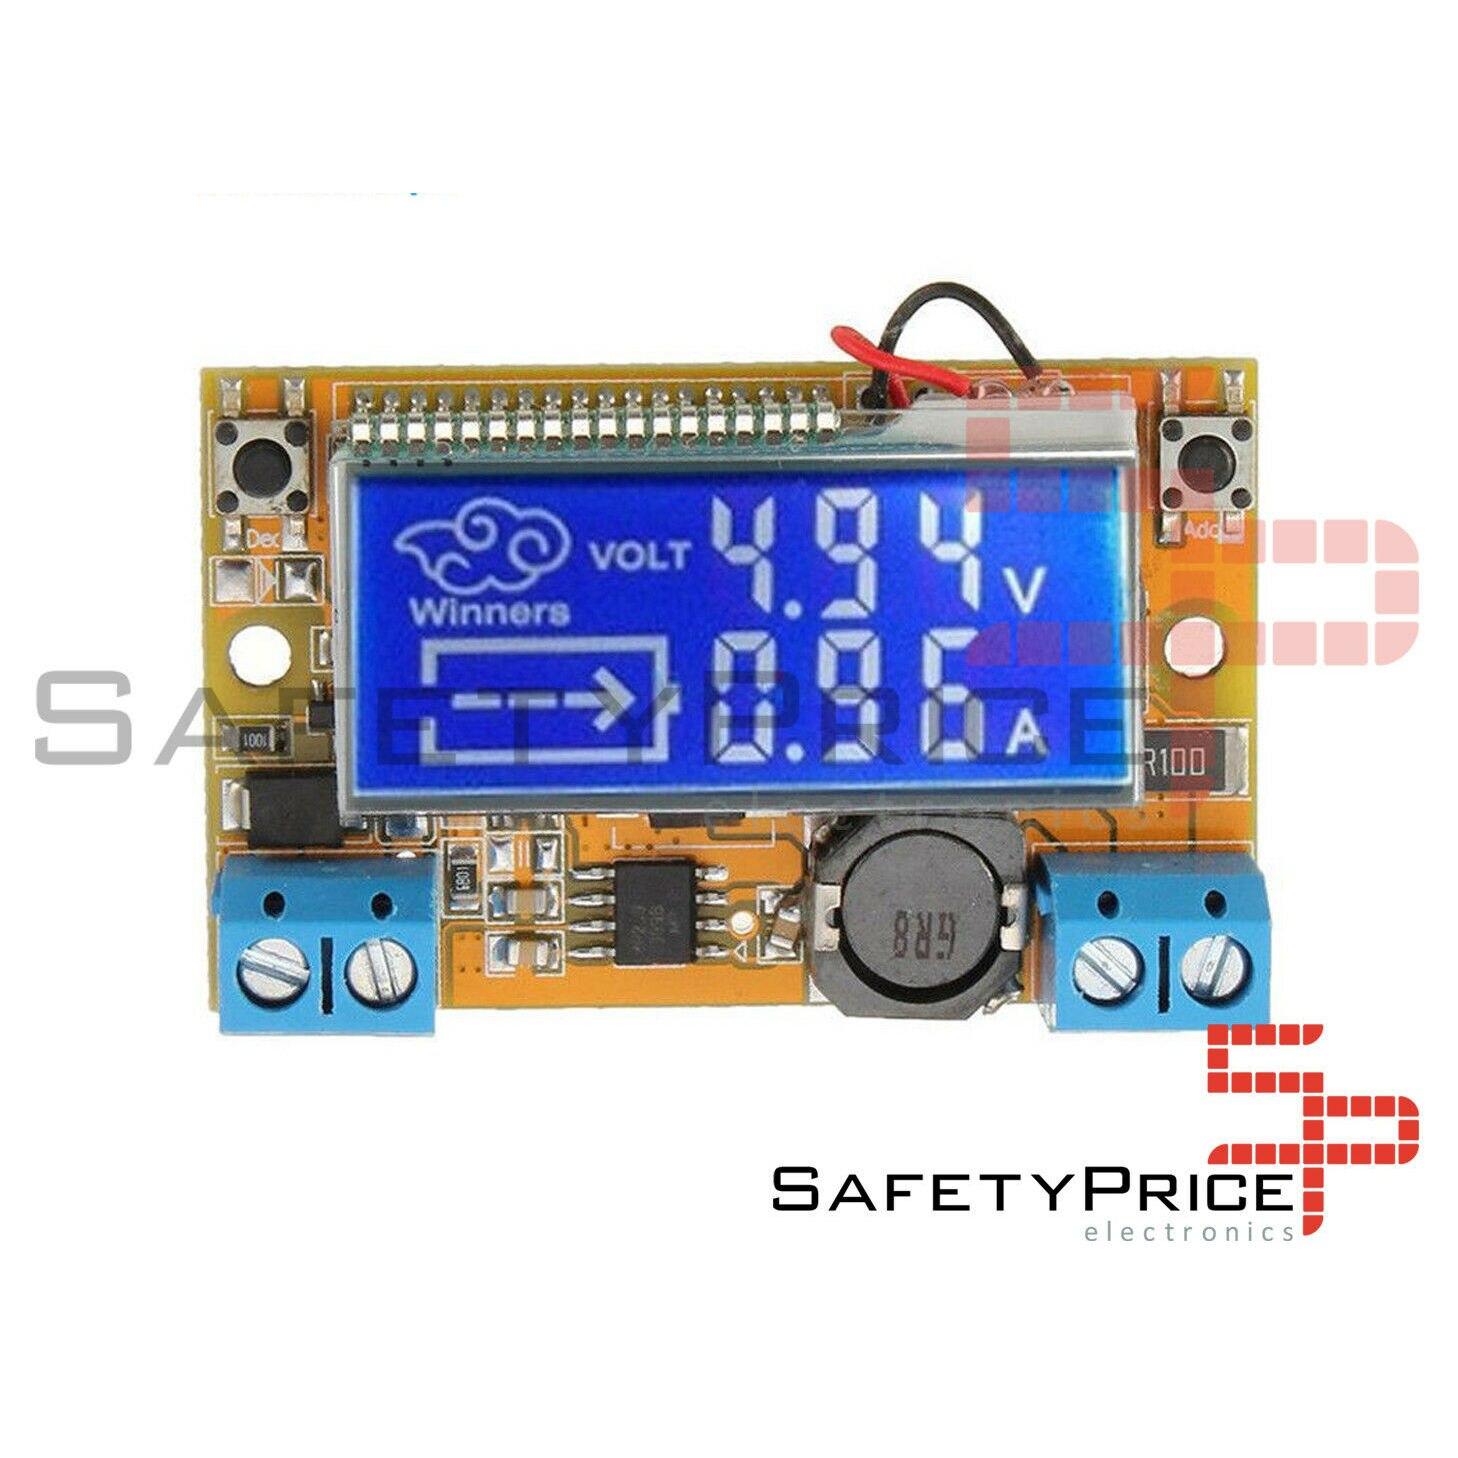 Regulador de tensão-corrente amperagem dc display lcd tensão 5-23 v 3a sp